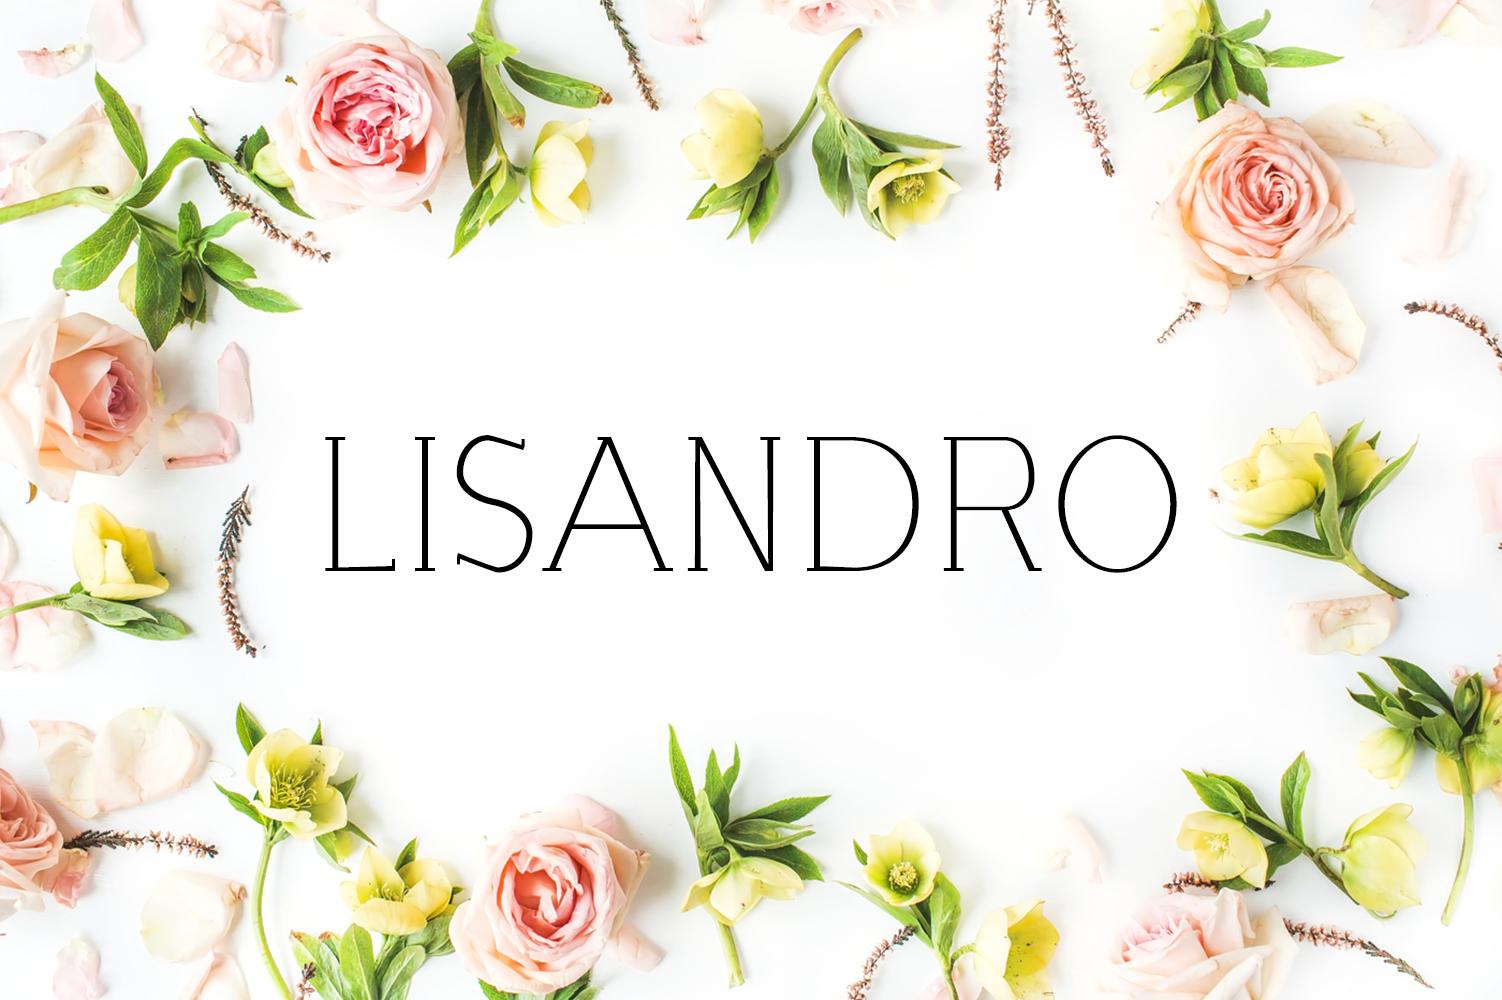 Lisandro Slab Serif Font example image 1